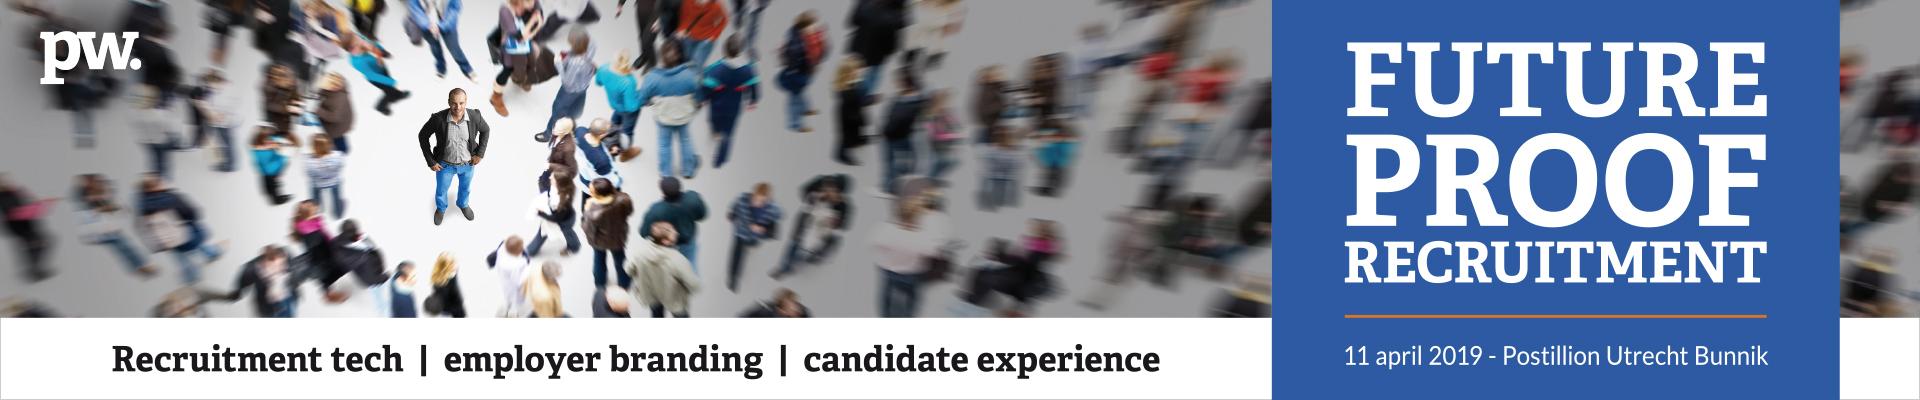 Futureproof Recruitment 2019 HR Event